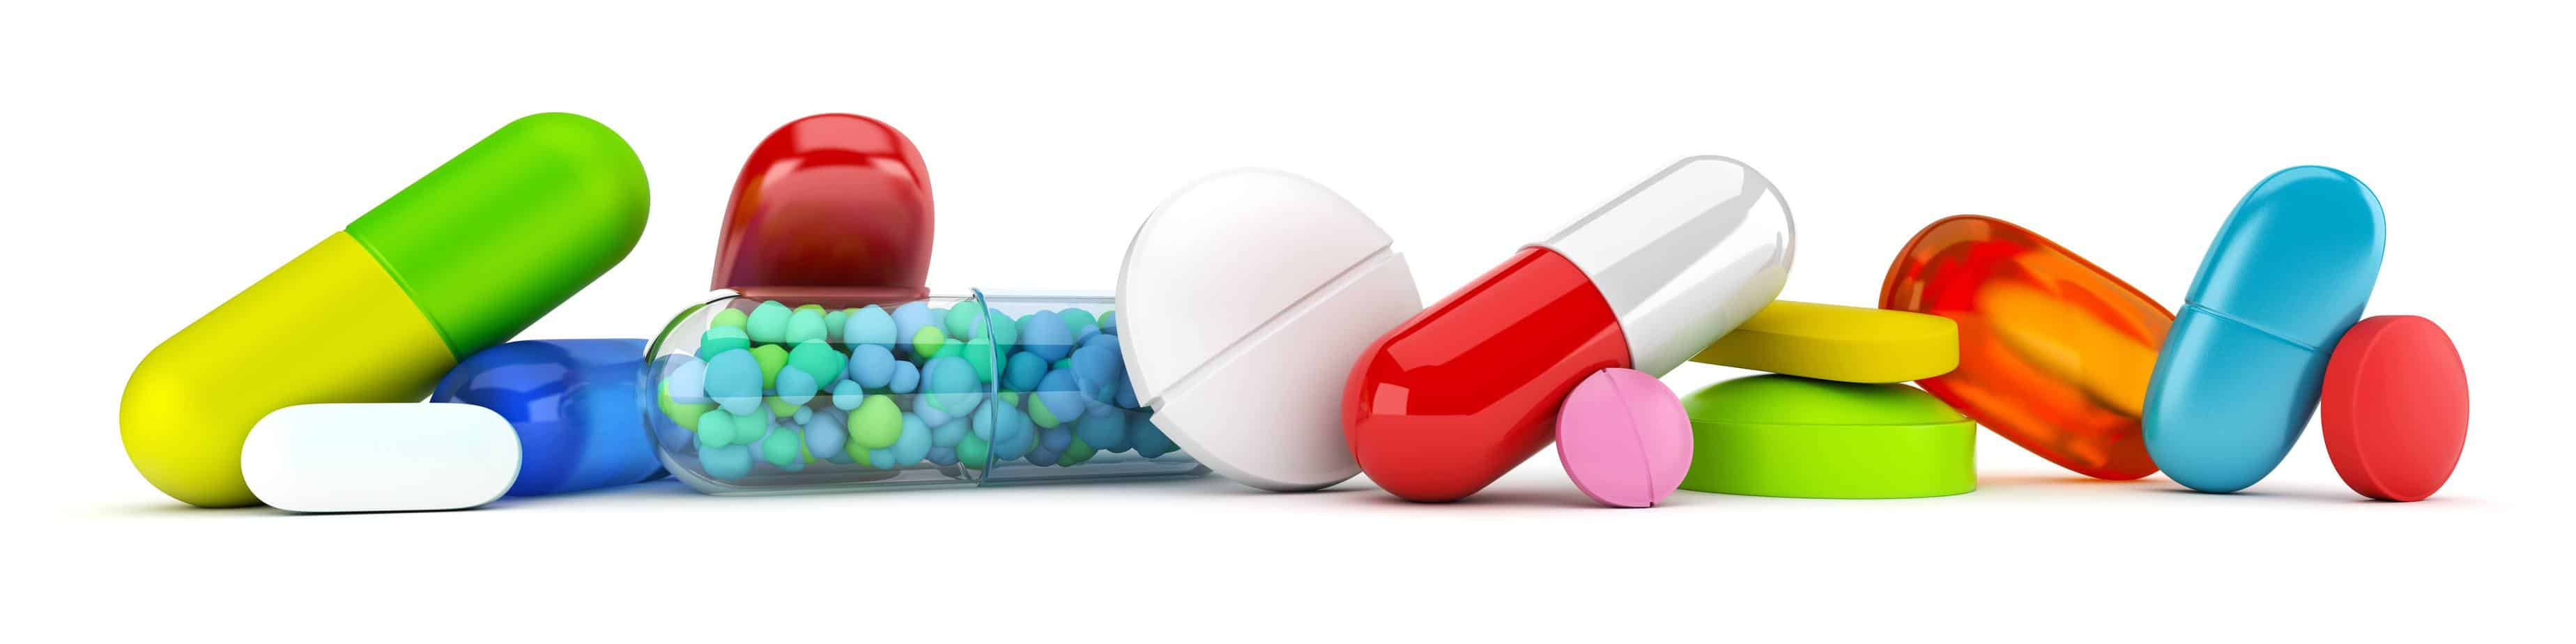 Six Dangerous Prescription Drugs You Should Think Twice